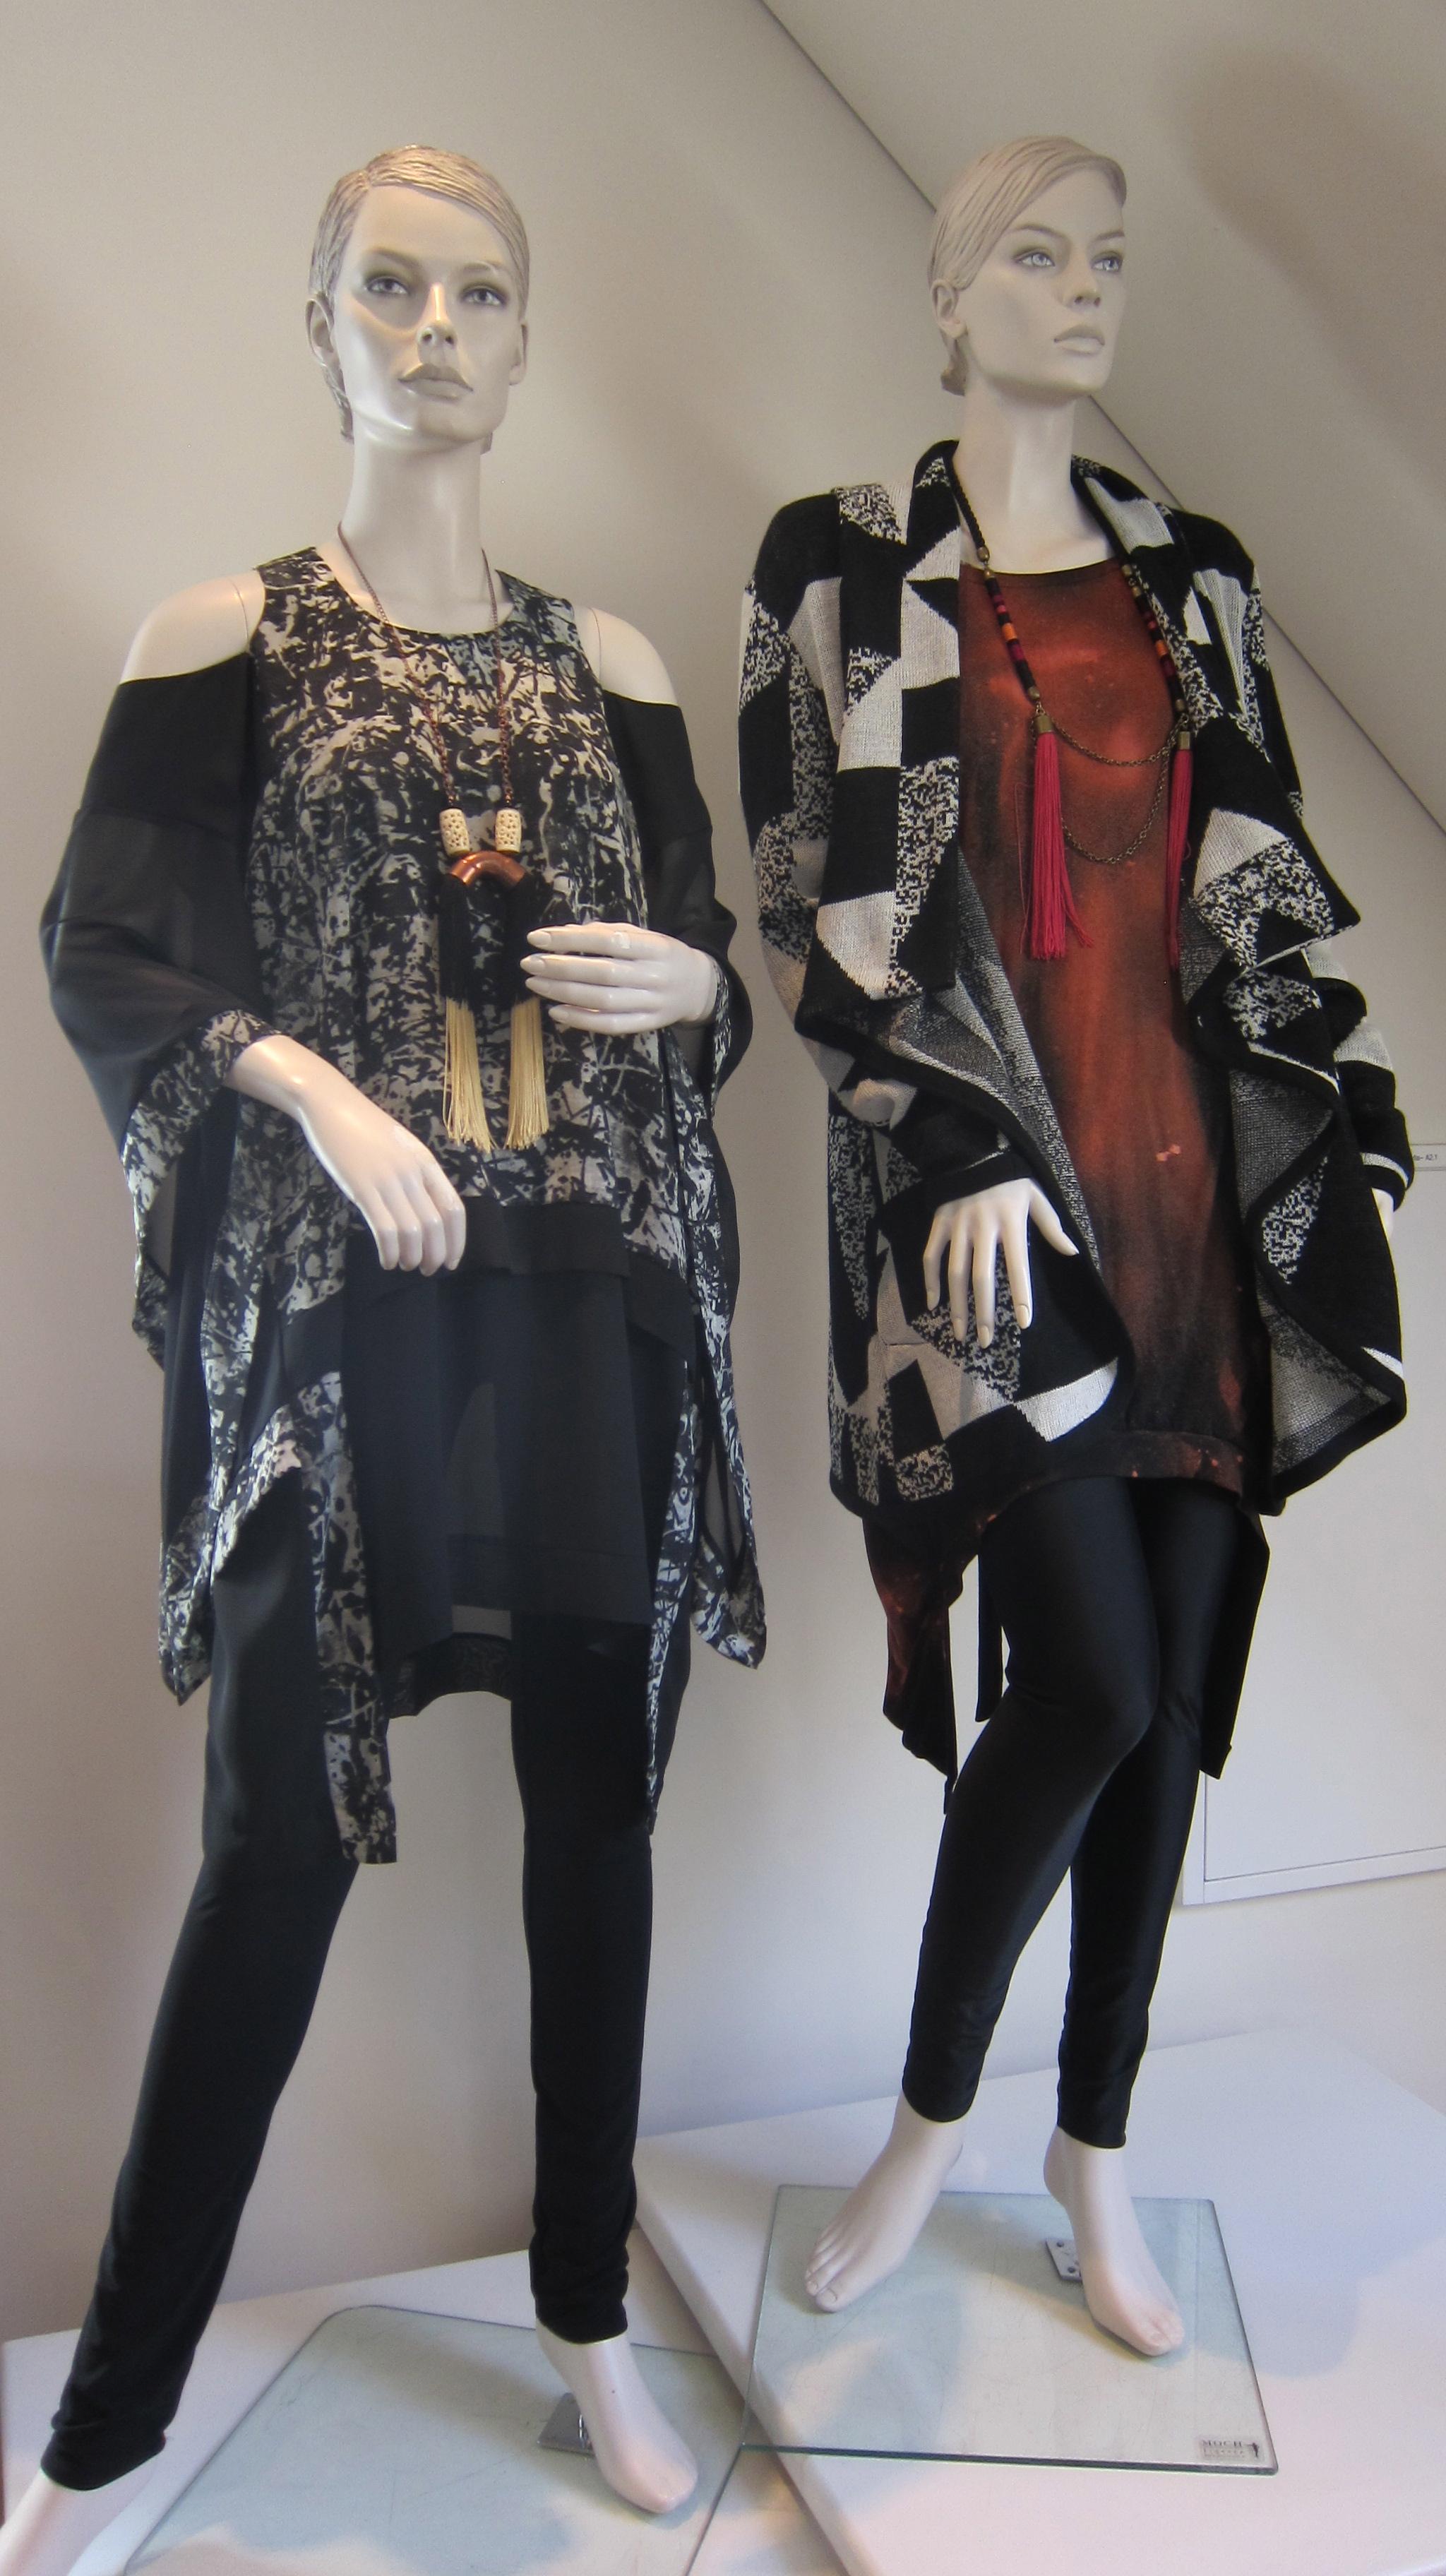 Vaatesuunnittelu on hyvin modernia, vaatteiden muodot mielenkiintoisia ja aikaansa edellä.